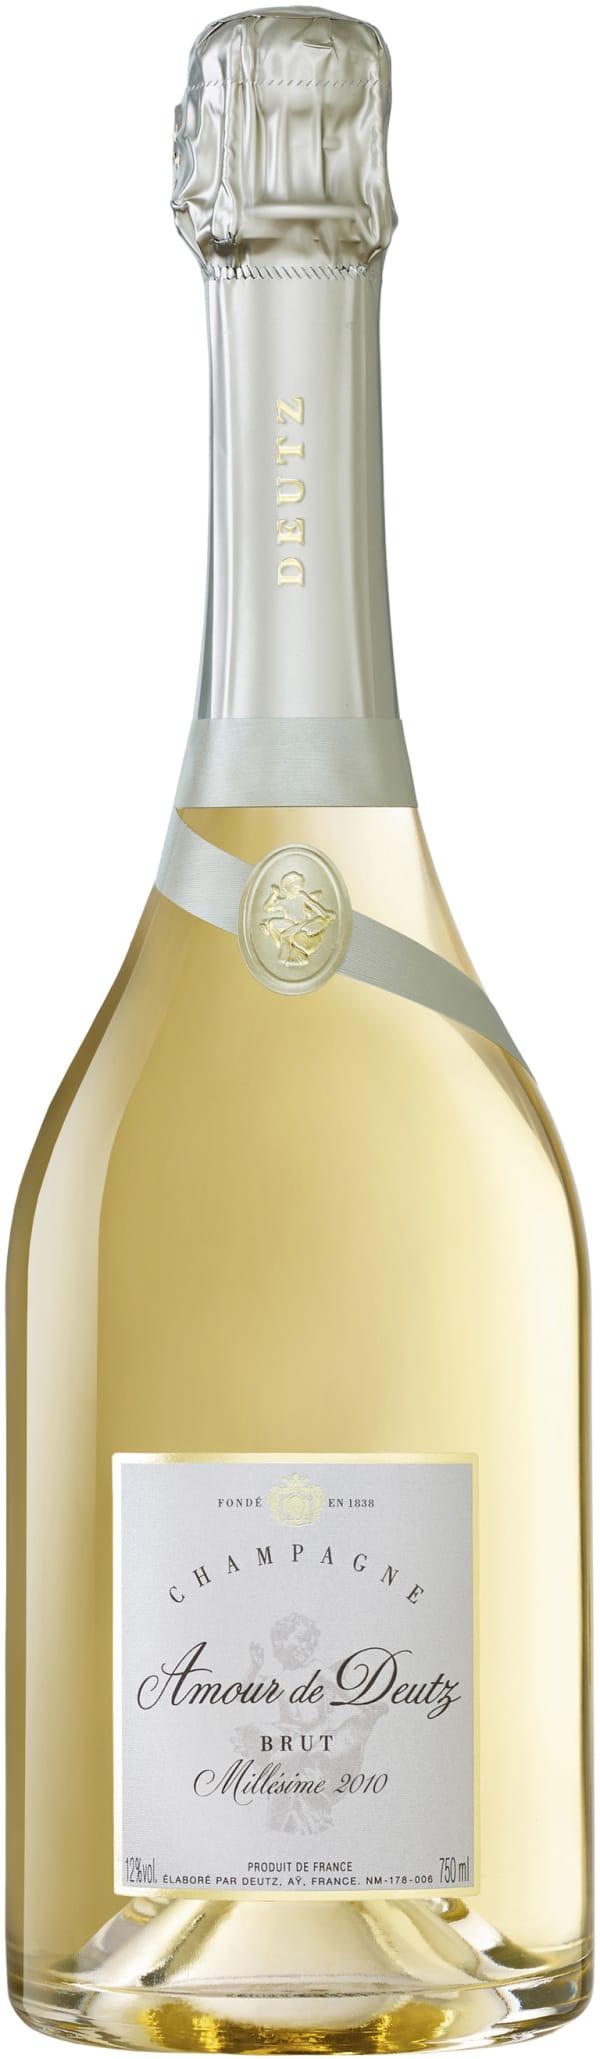 Amour de Deutz Champagne Brut 2005